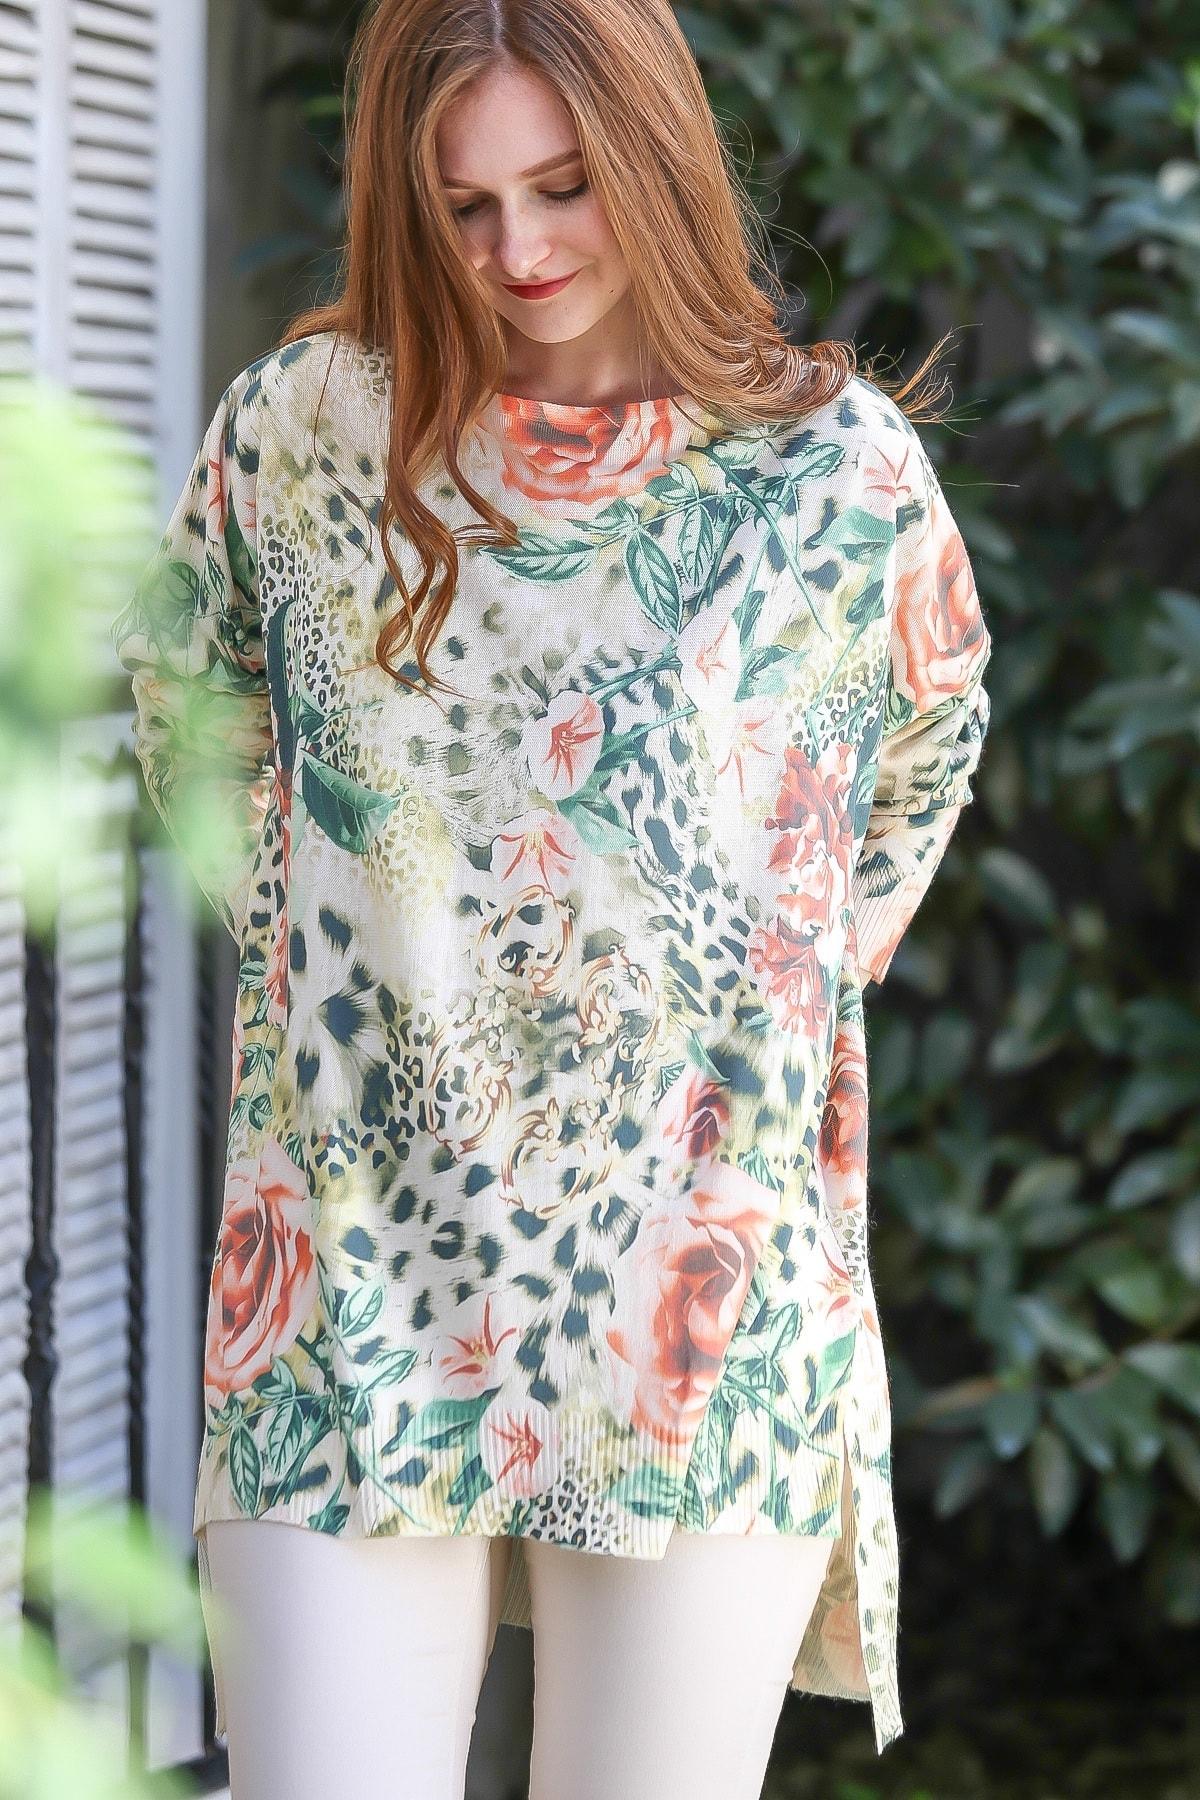 Chiccy Kadın Ekru-Yeşil Casual Leopar Gül Desenli Tunik Kazak M10010800KZ99447